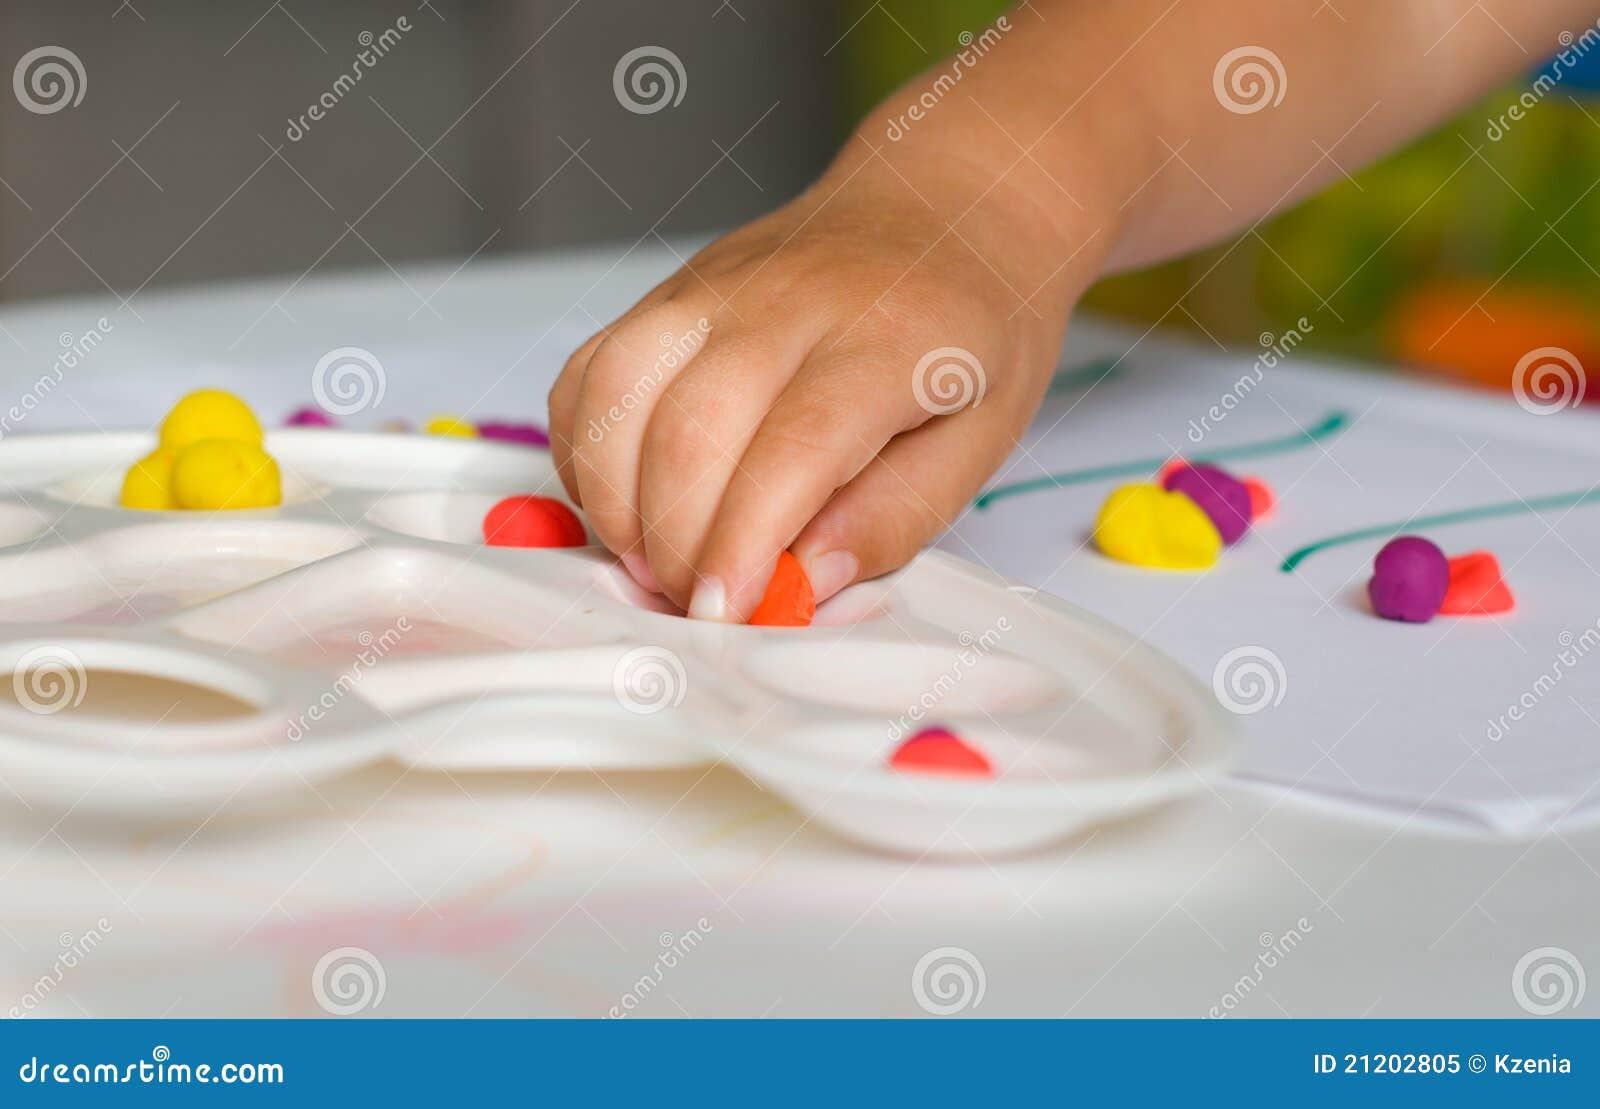 De hand en plasticine van de baby